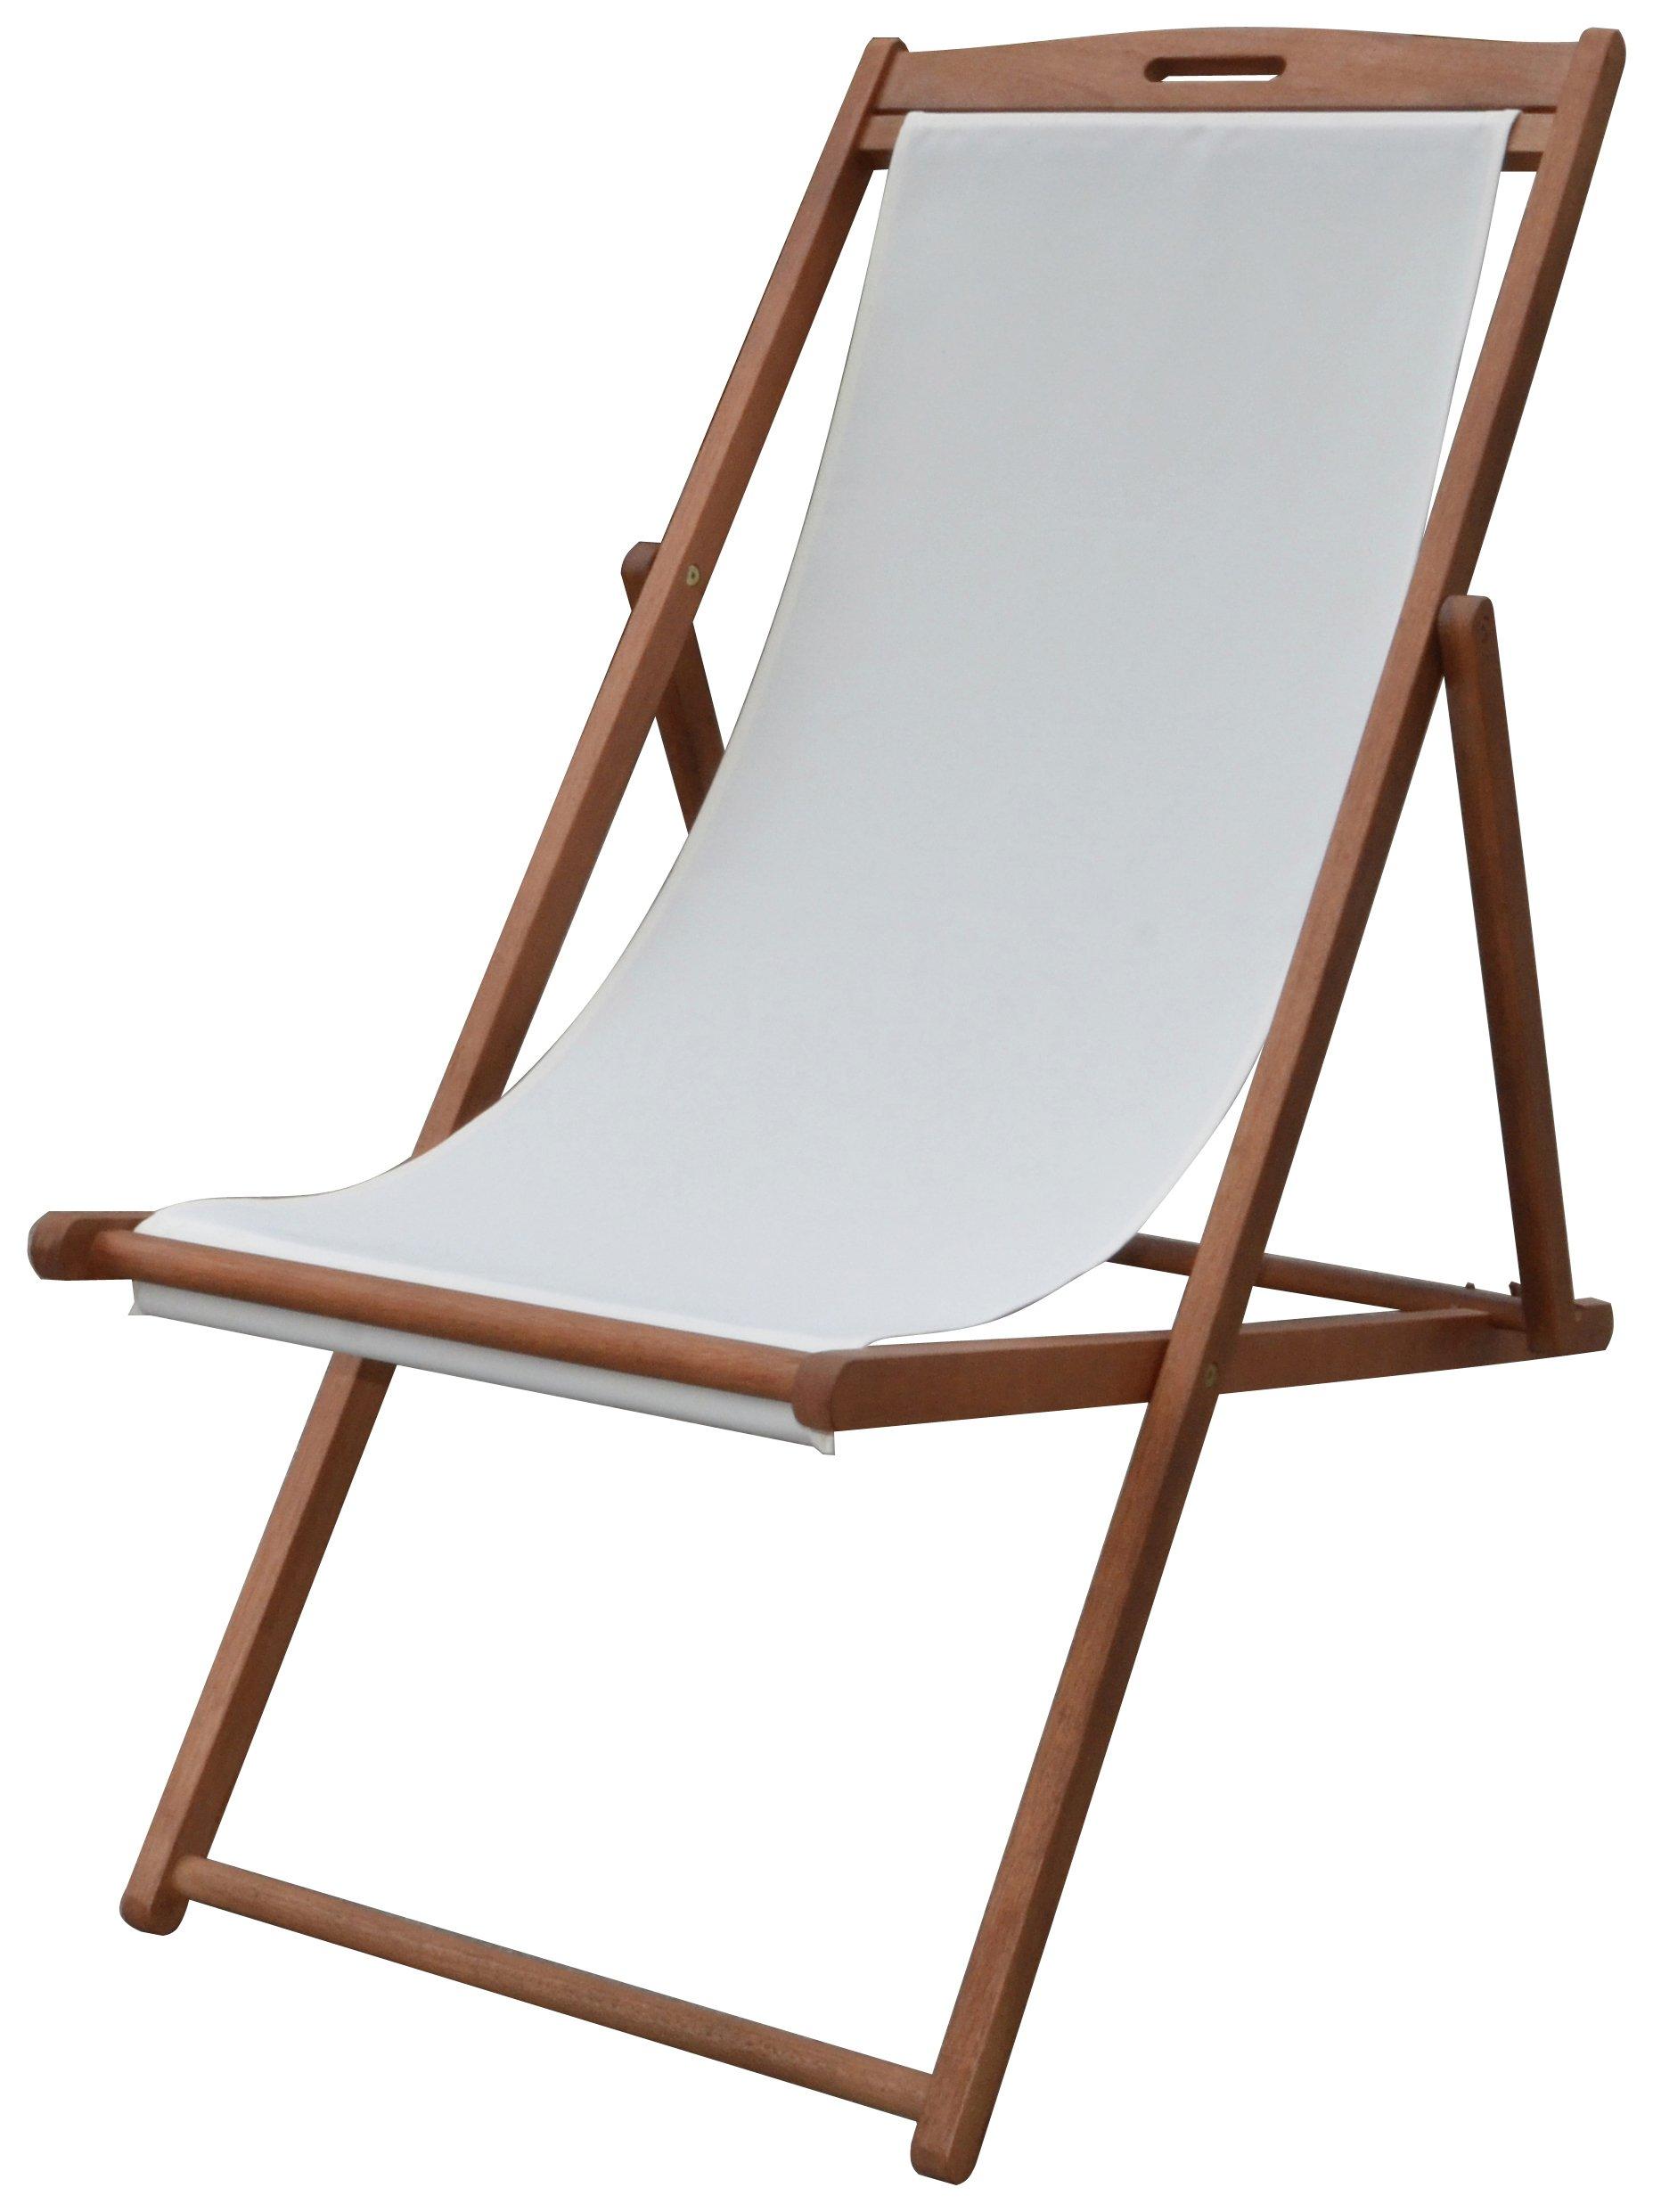 Argos Home Deck Chair - Cream  sc 1 st  Argos & Buy Argos Home Deck Chair - Cream | Garden chairs and sun ...